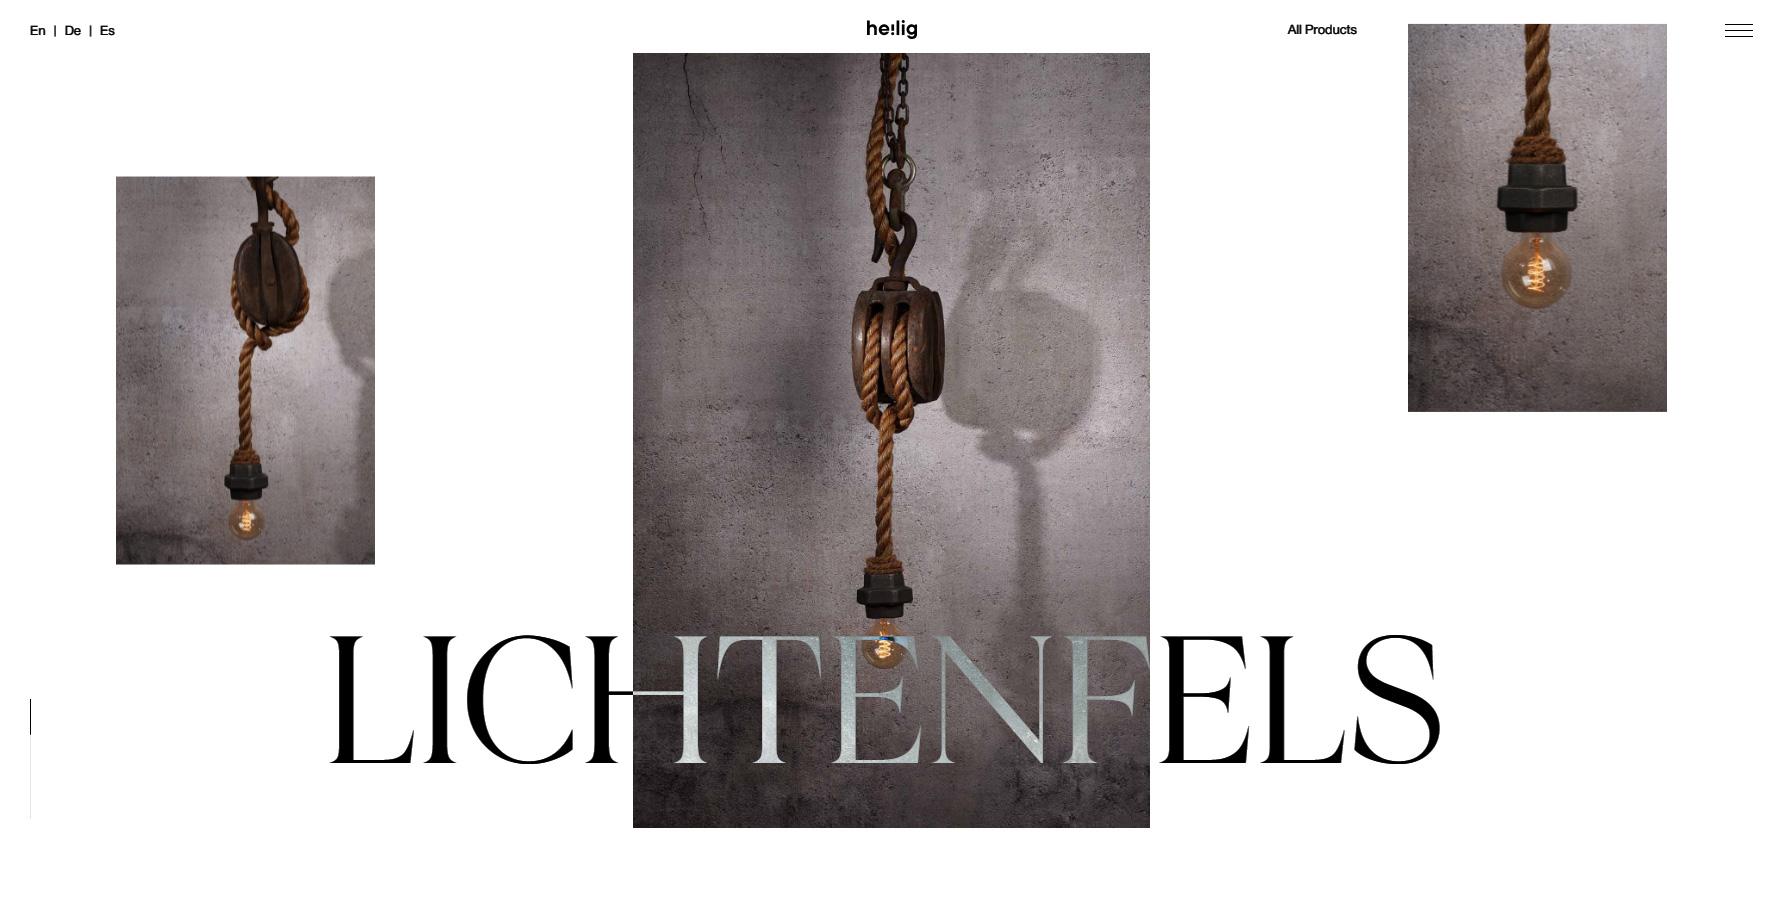 Von Heilig - Website of the Day